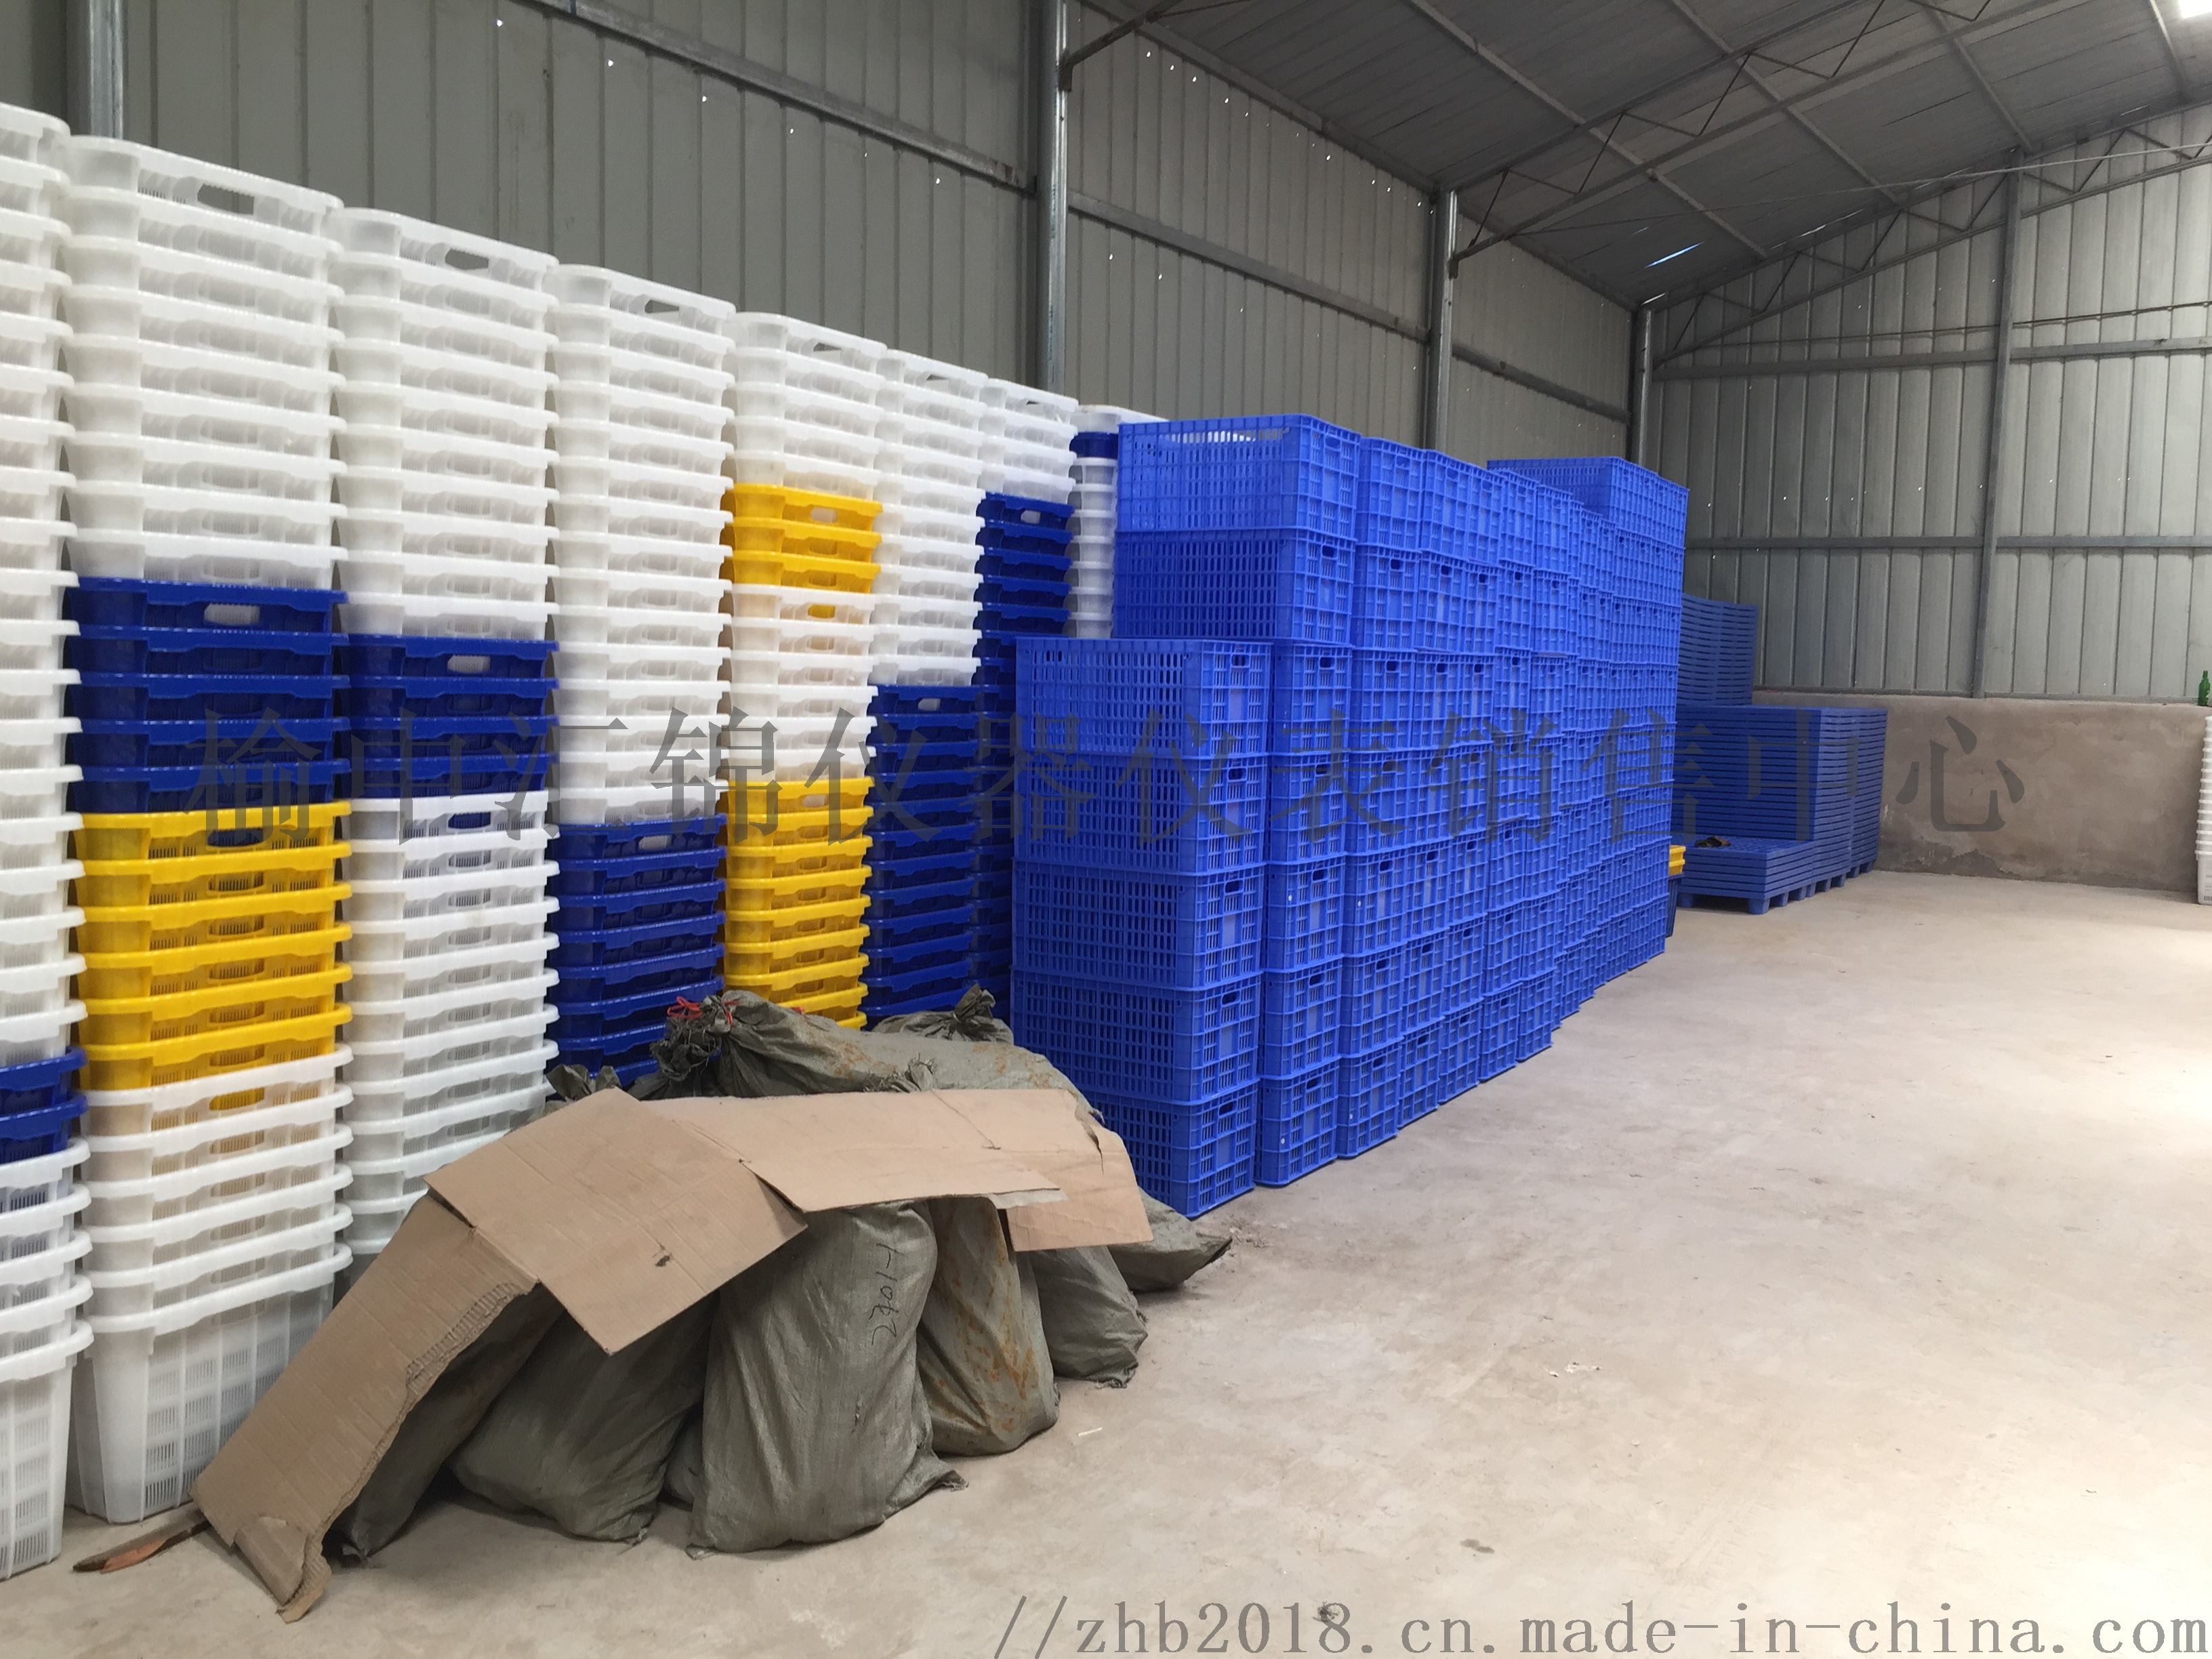 兰州塑料托盘兰州塑料框13919031250114853855